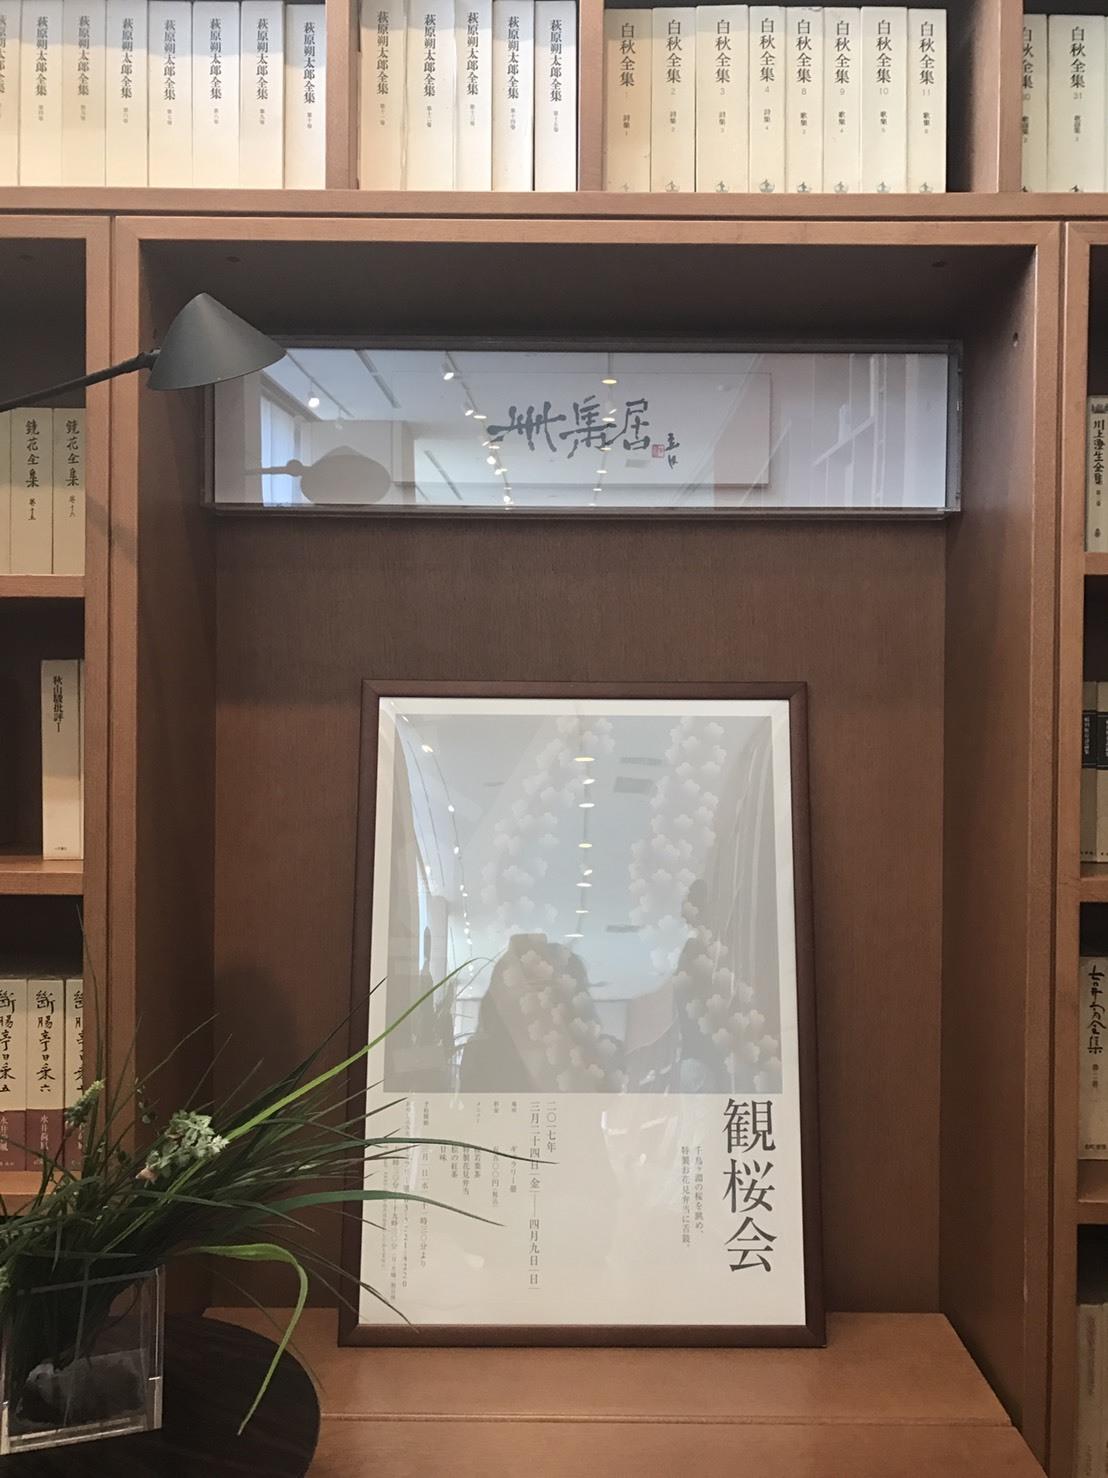 観桜会_1_2-1